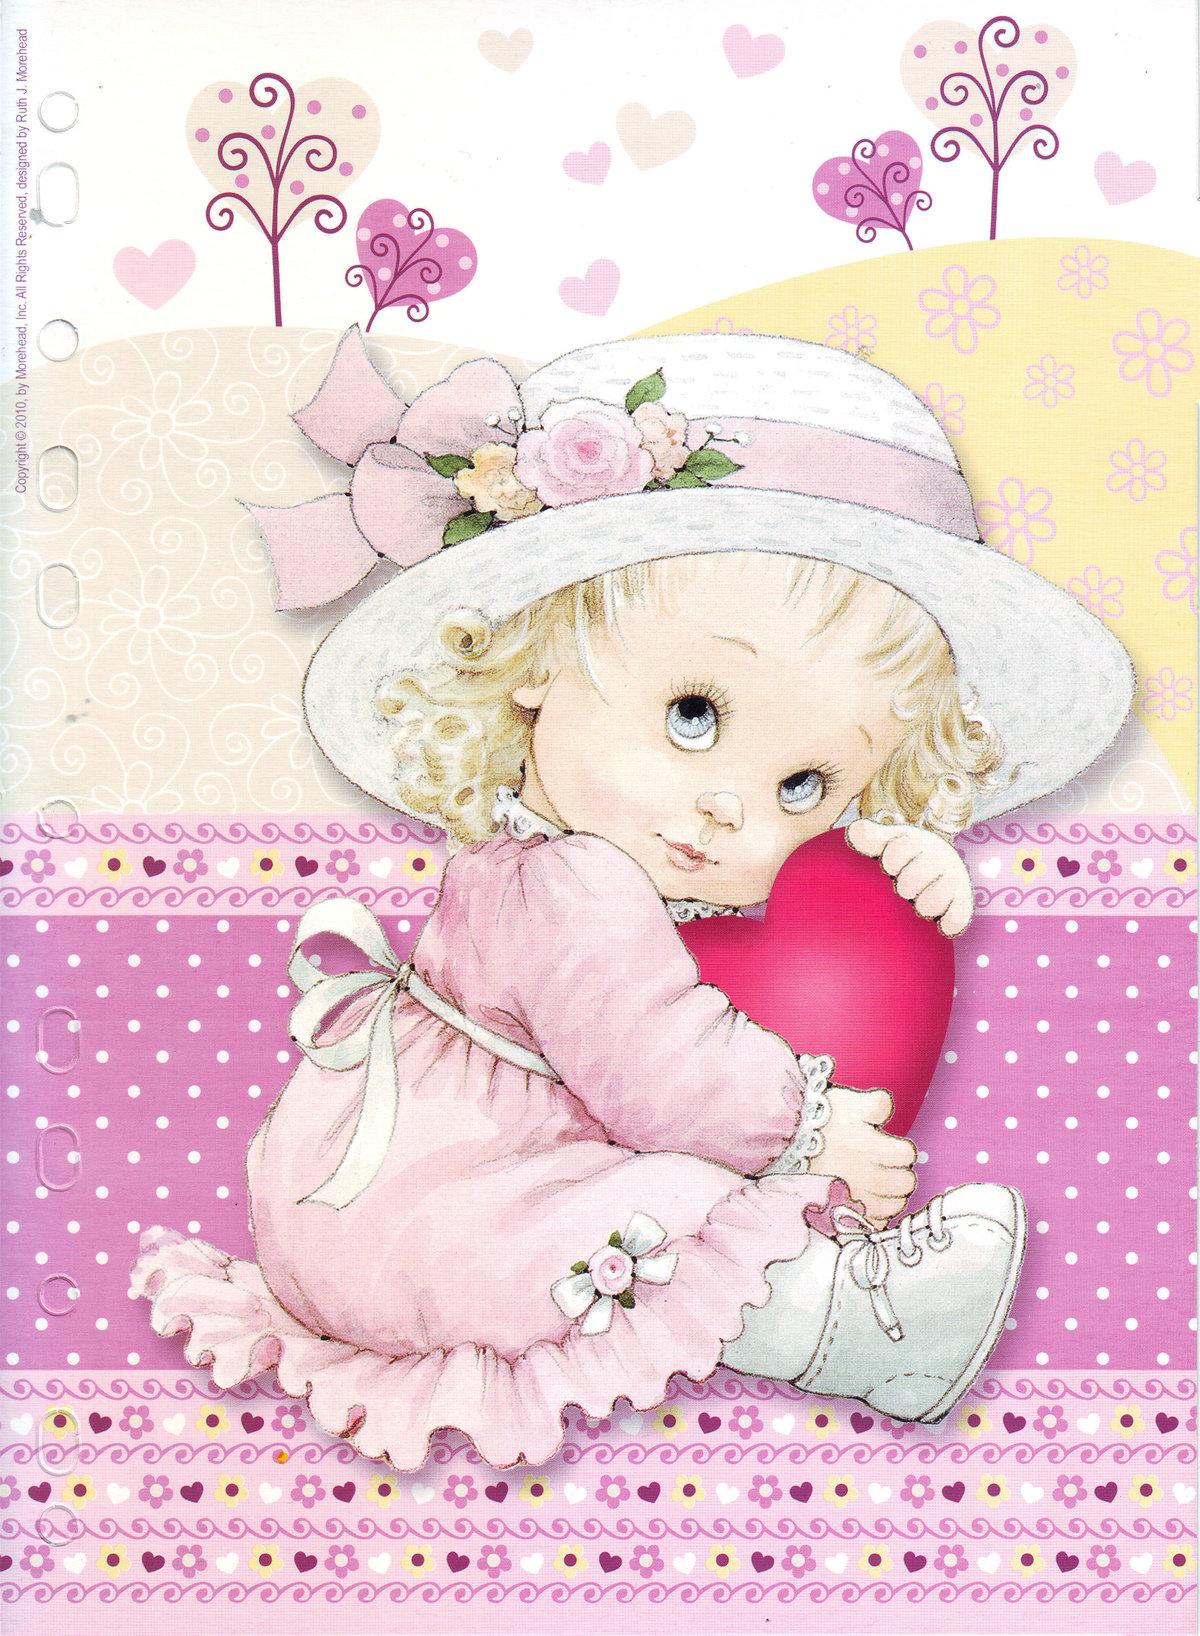 Февраля открытка, детские открытки дети